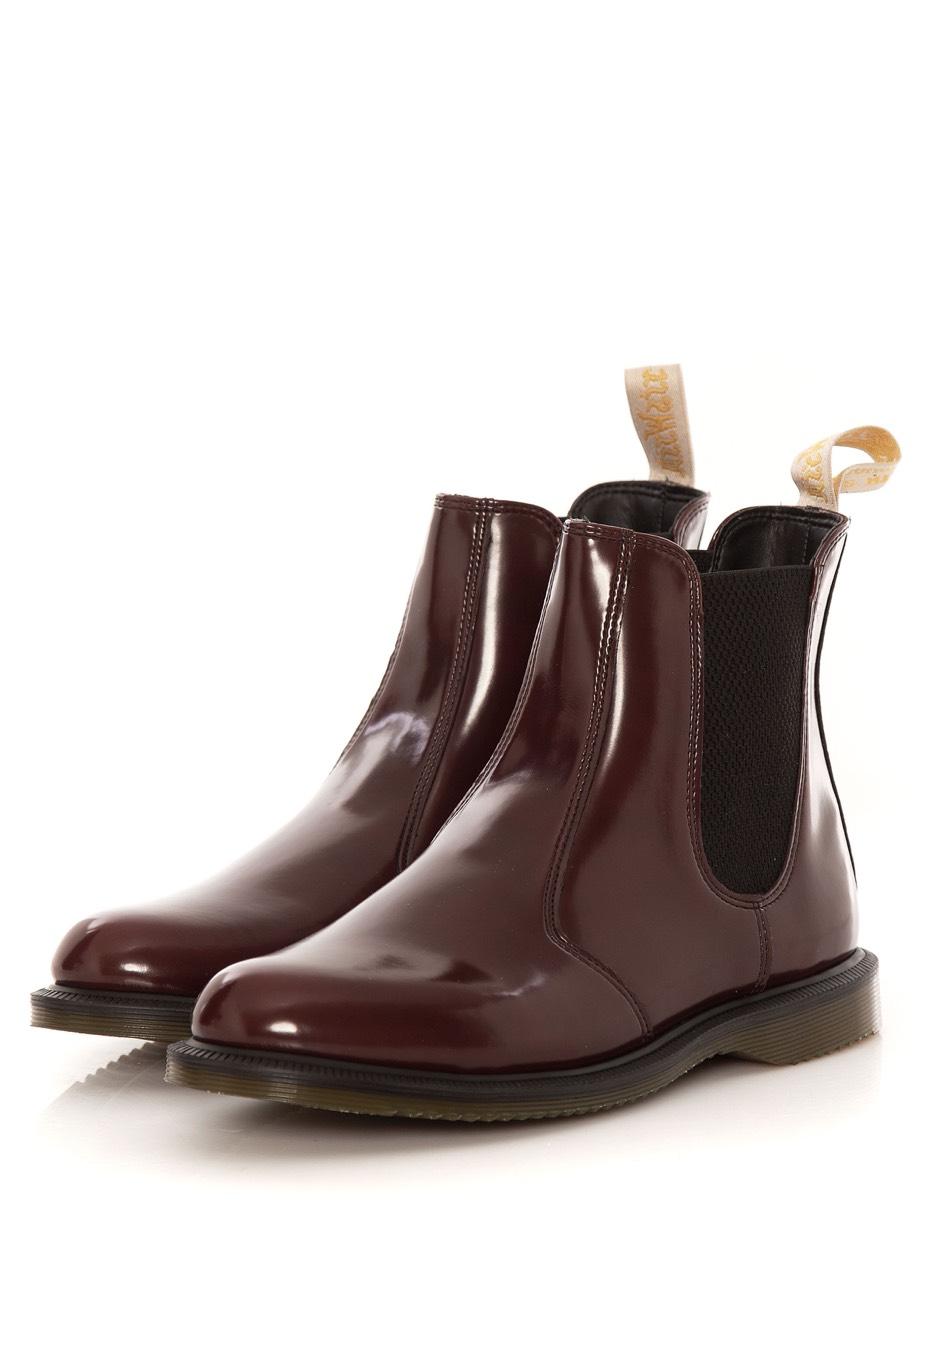 Dr. Martens - Flora Cambridge Brush Cherry Chelsea Boot - Girl Shoes -  Impericon.com AU 3d1a2d5ff28df